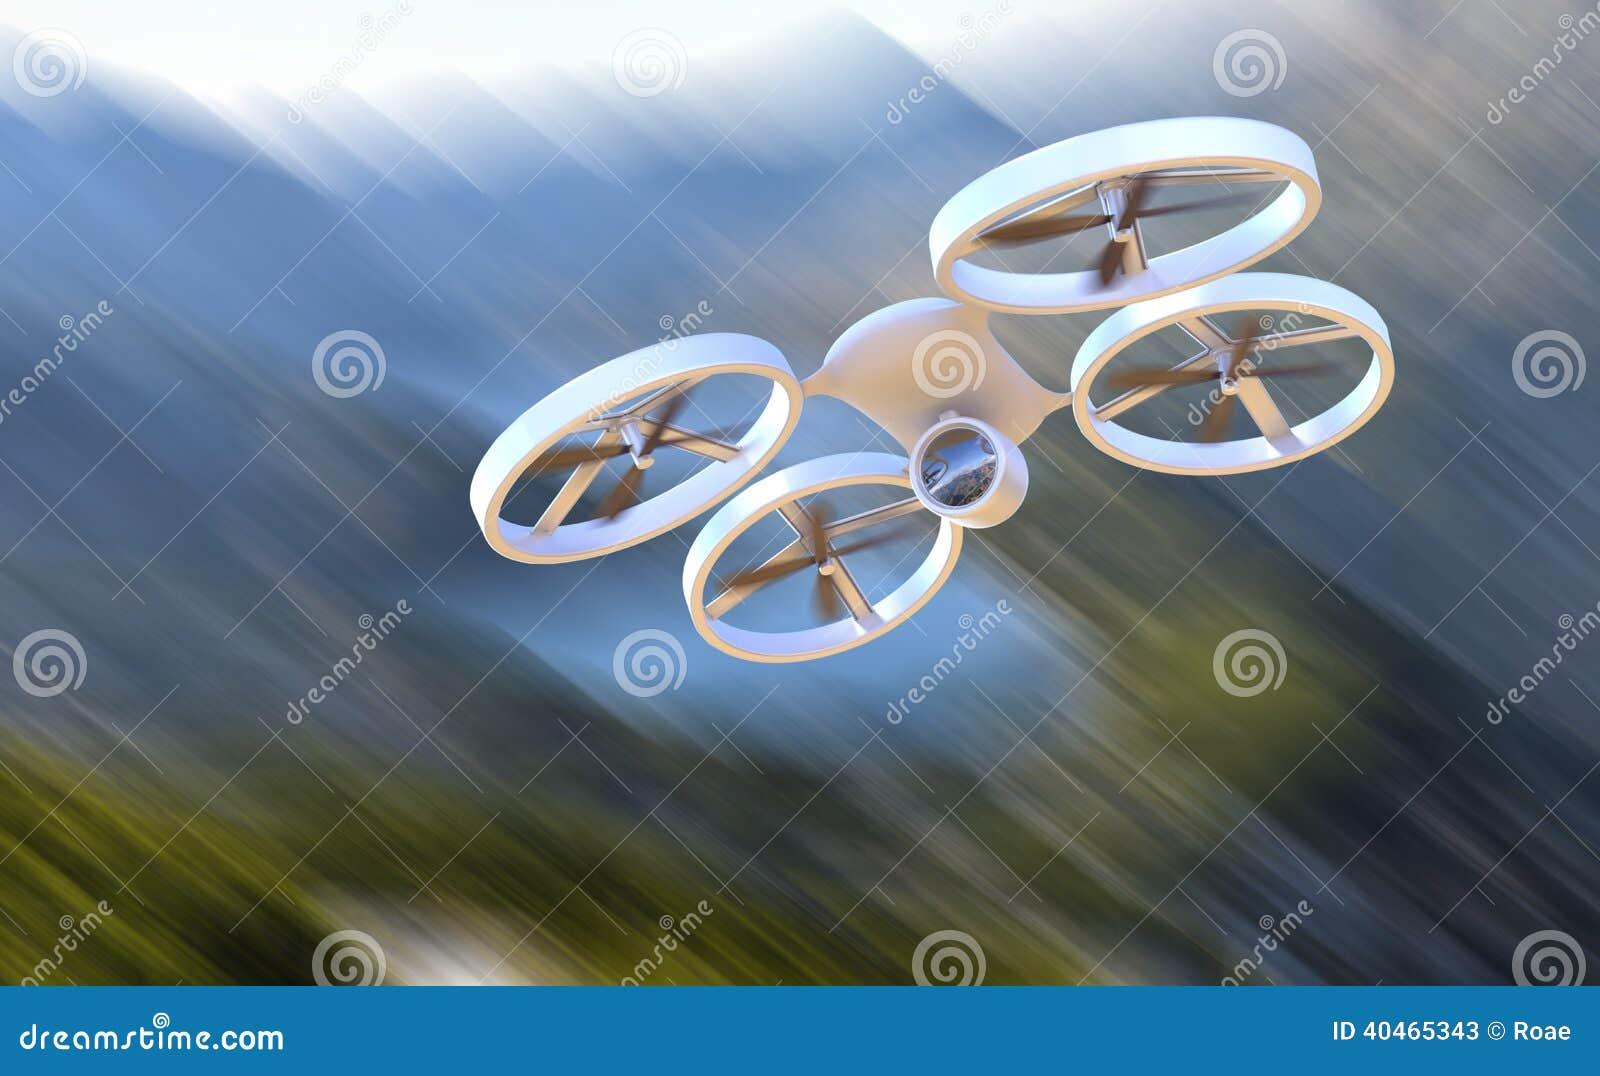 Bezpilotowy Powietrzny pojazdu truteń w locie